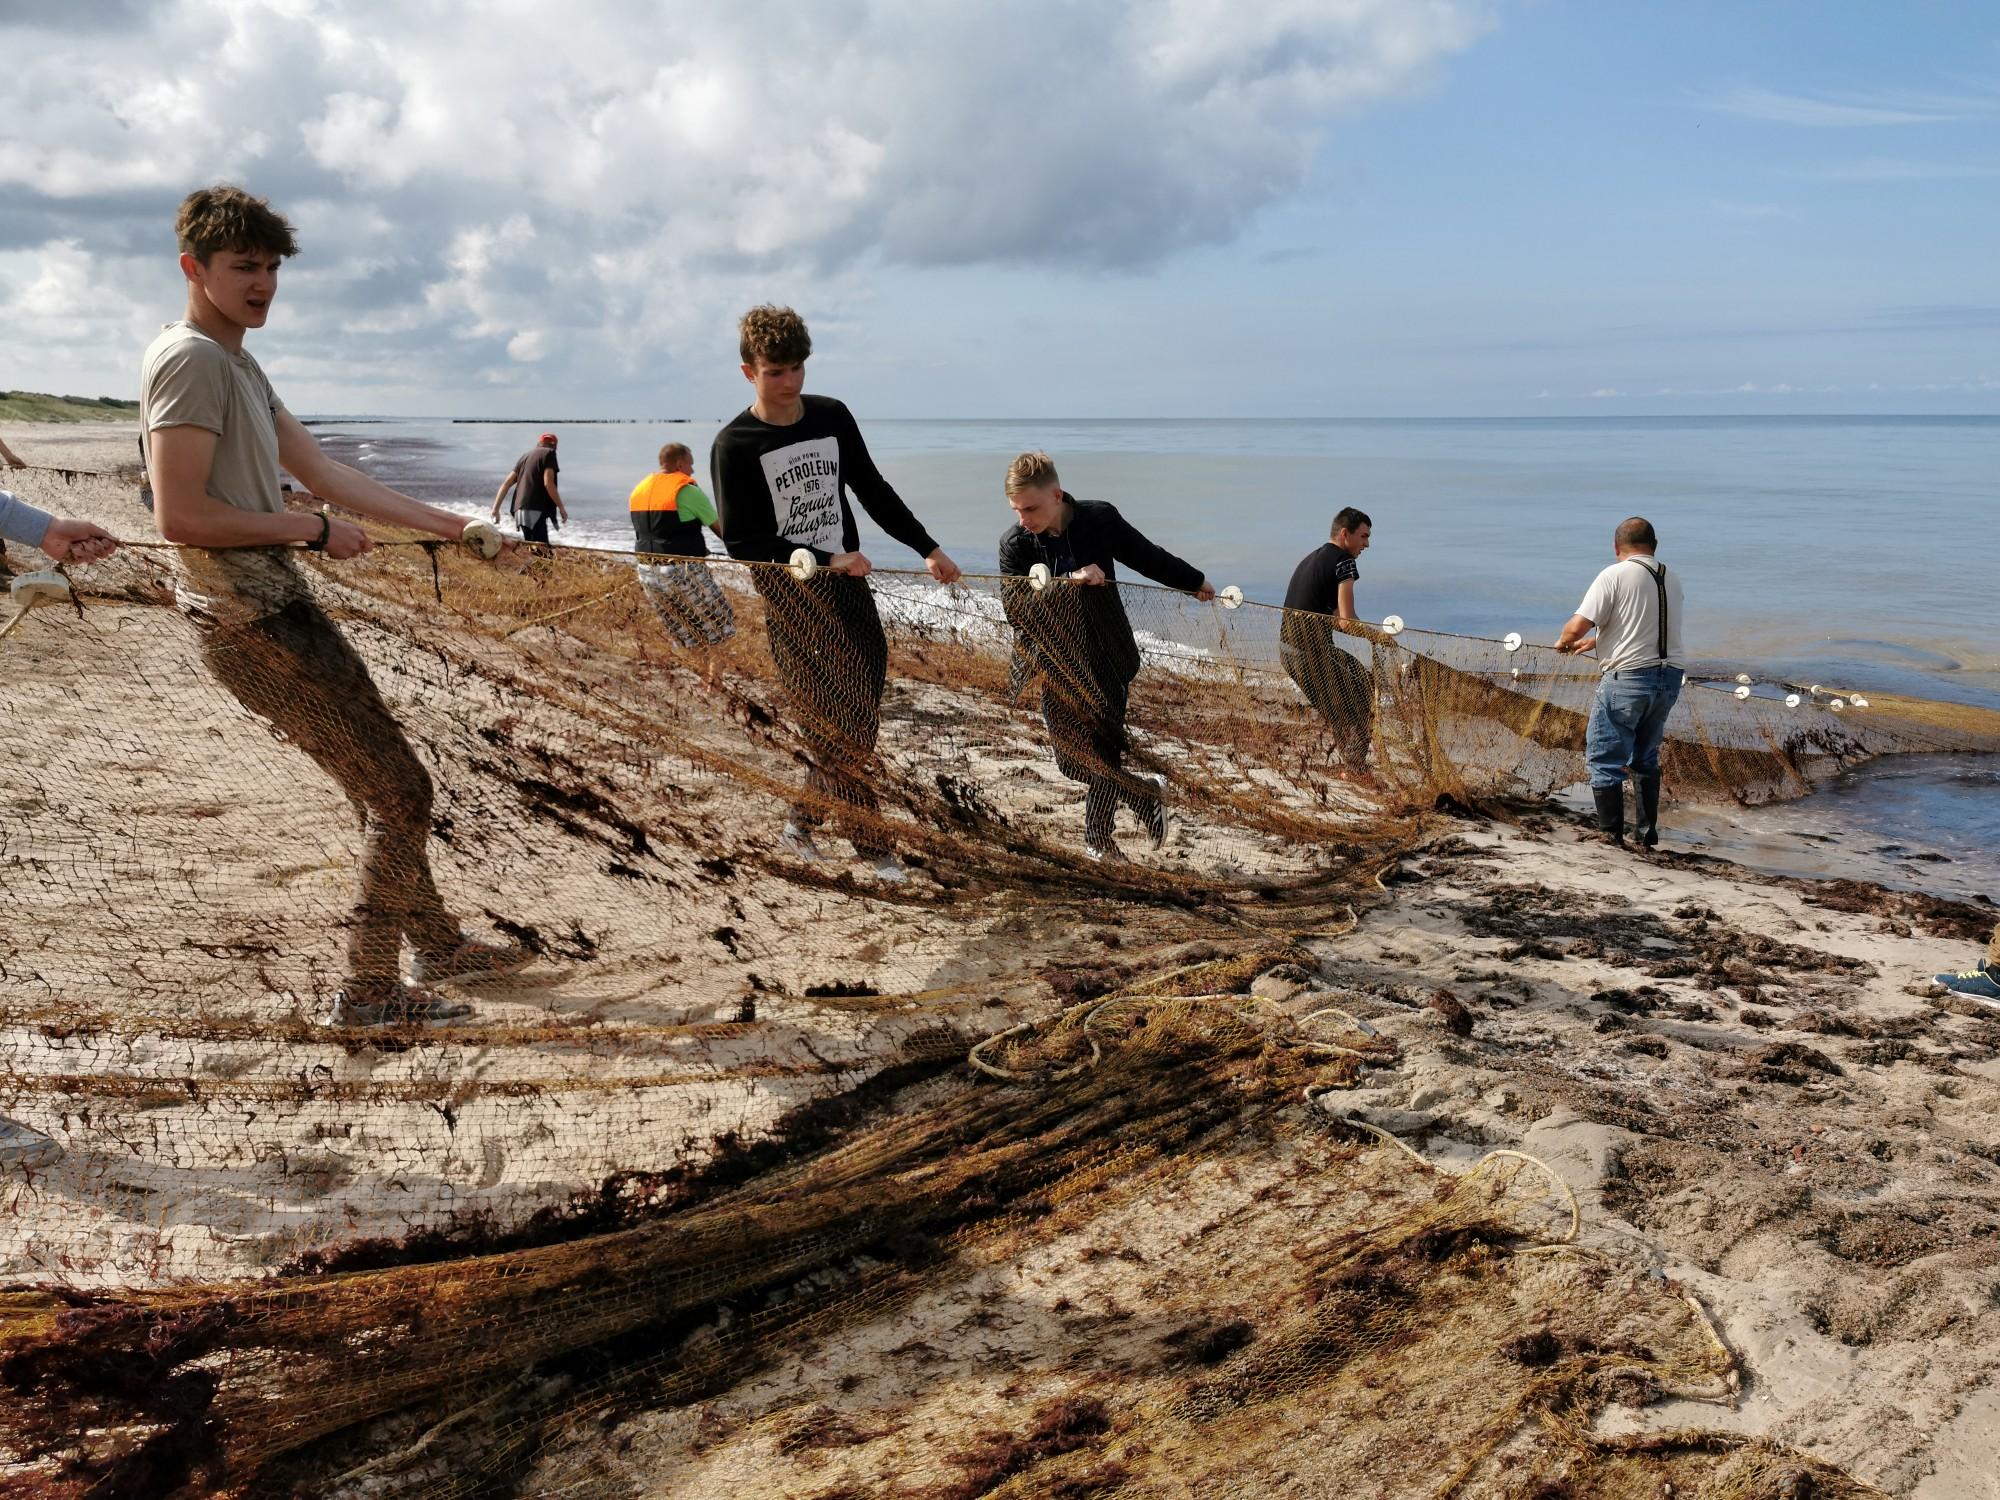 Starptautiskā nometnē jaunieši izzina Baltijas jūras aktuālo situāciju